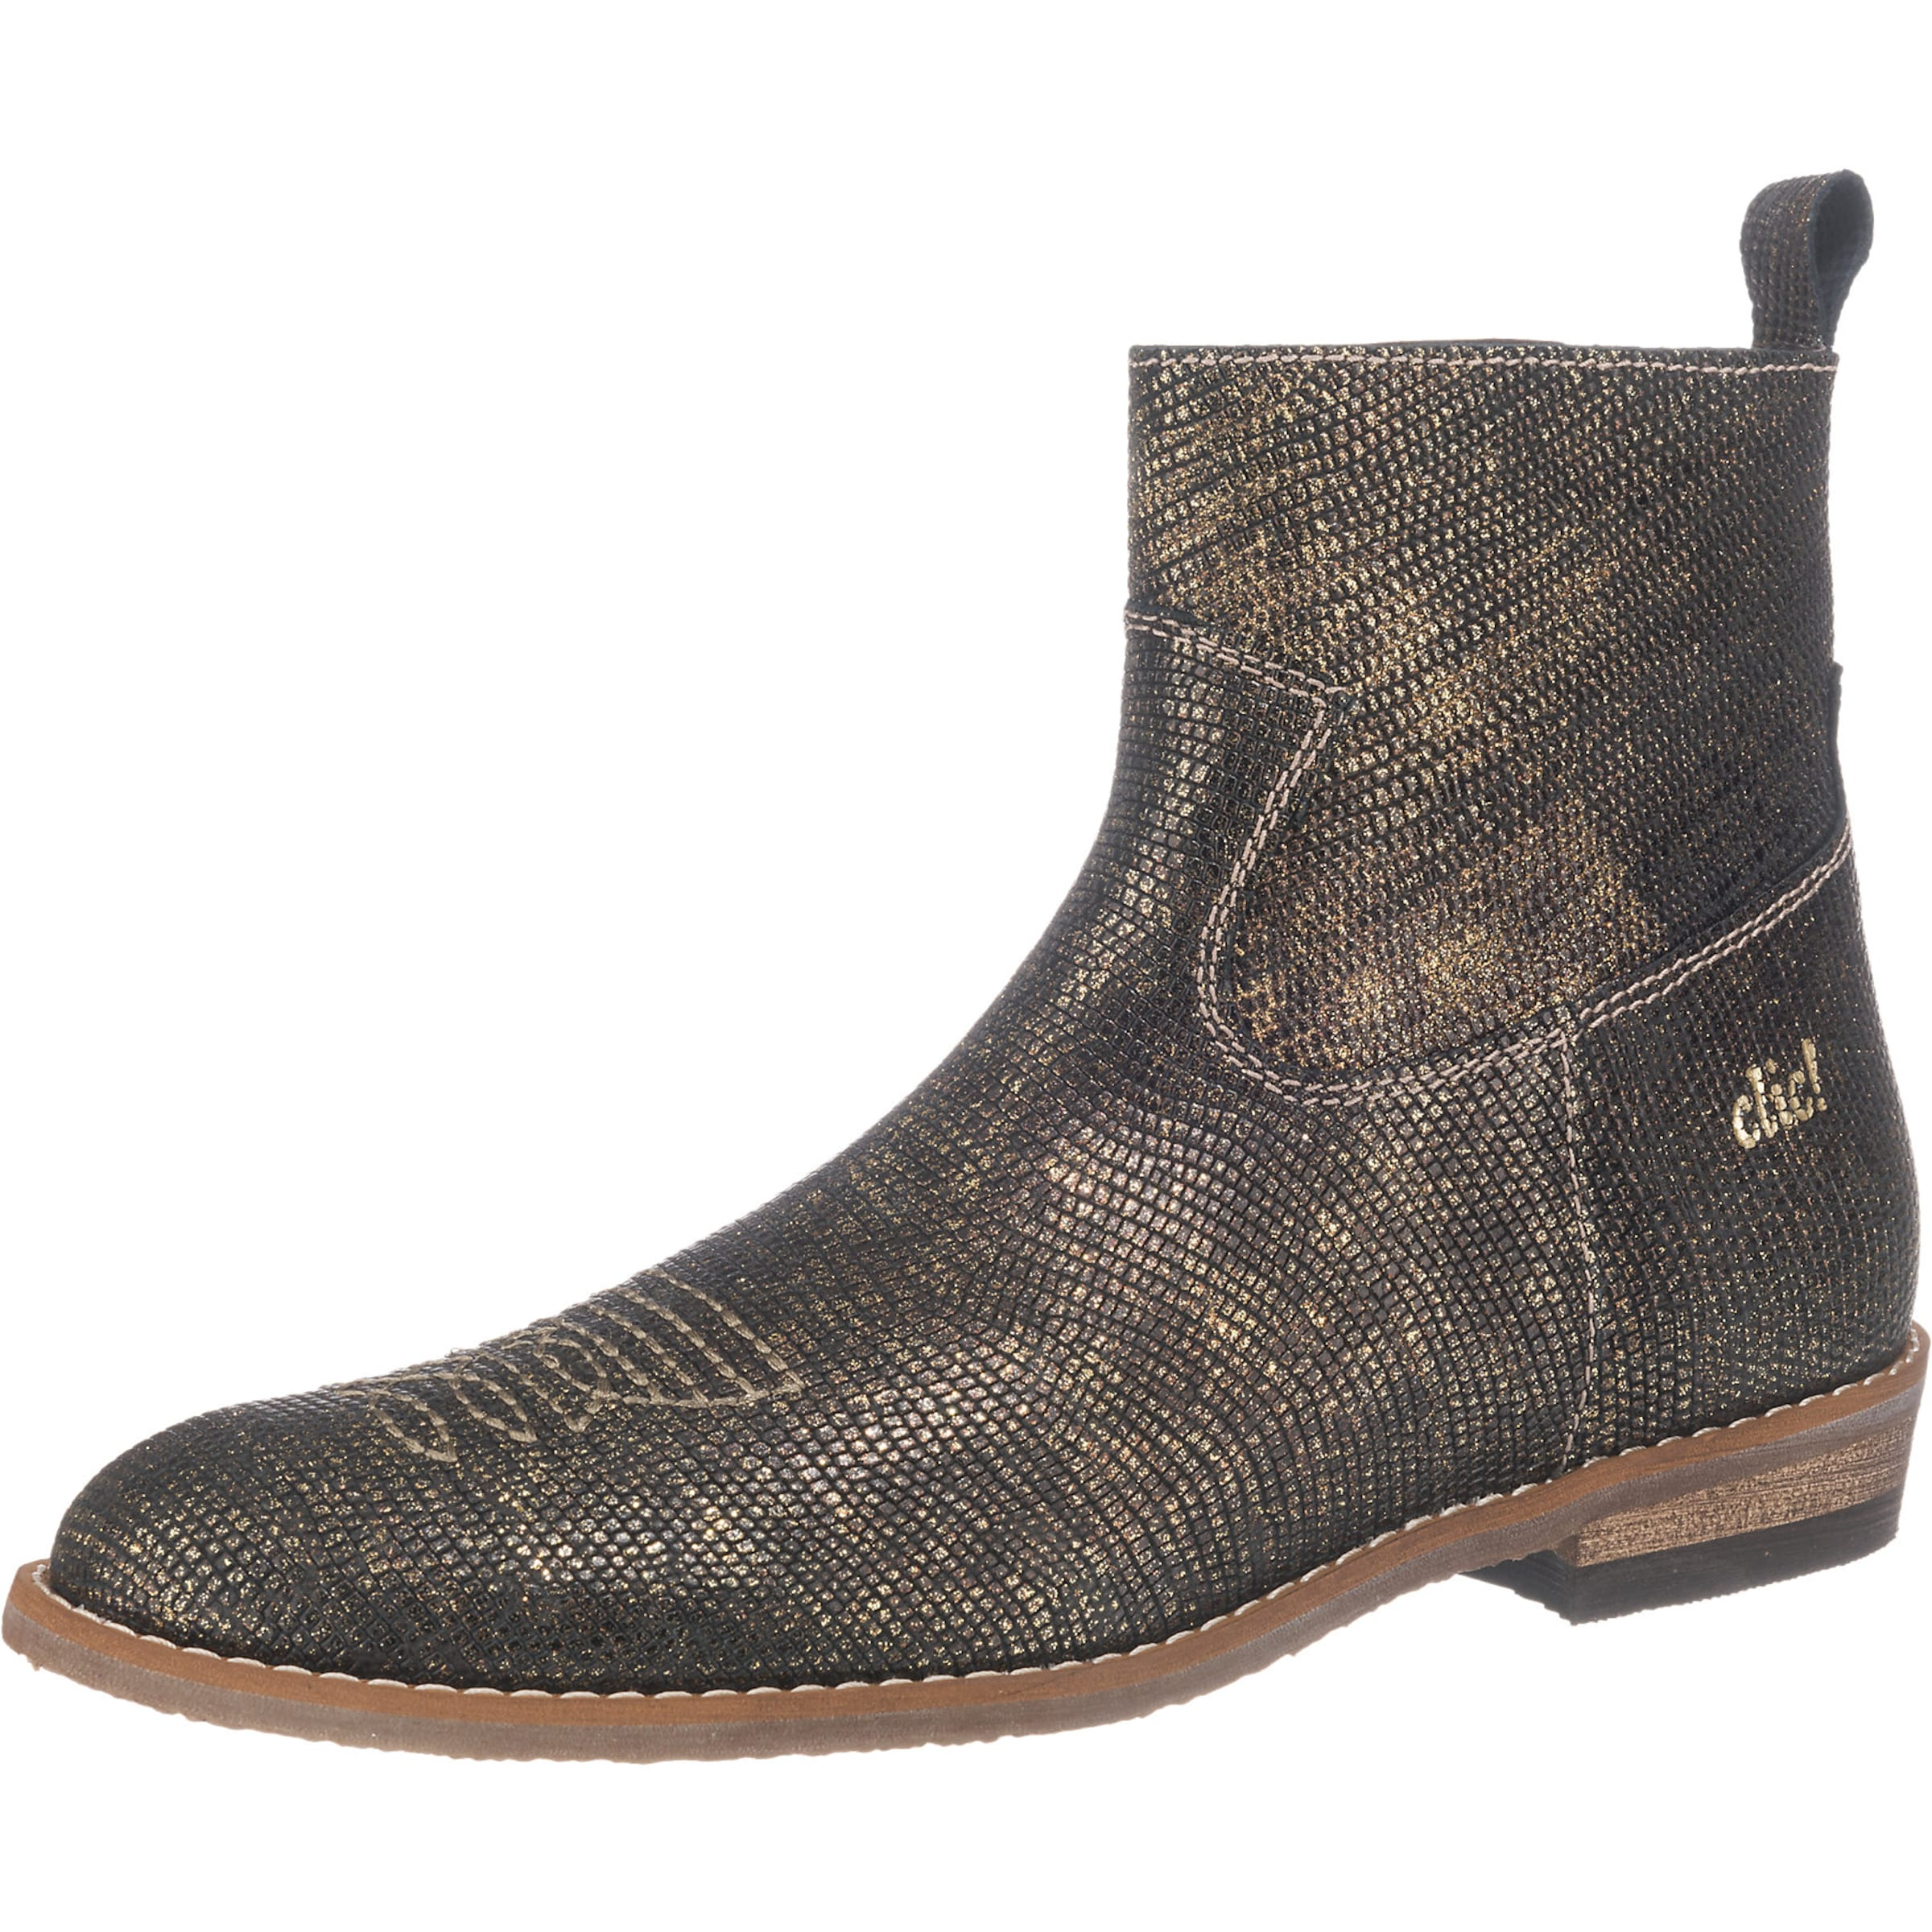 clic Stiefeletten Qualität Verschleißfeste billige Schuhe Hohe Qualität Stiefeletten 7c498f